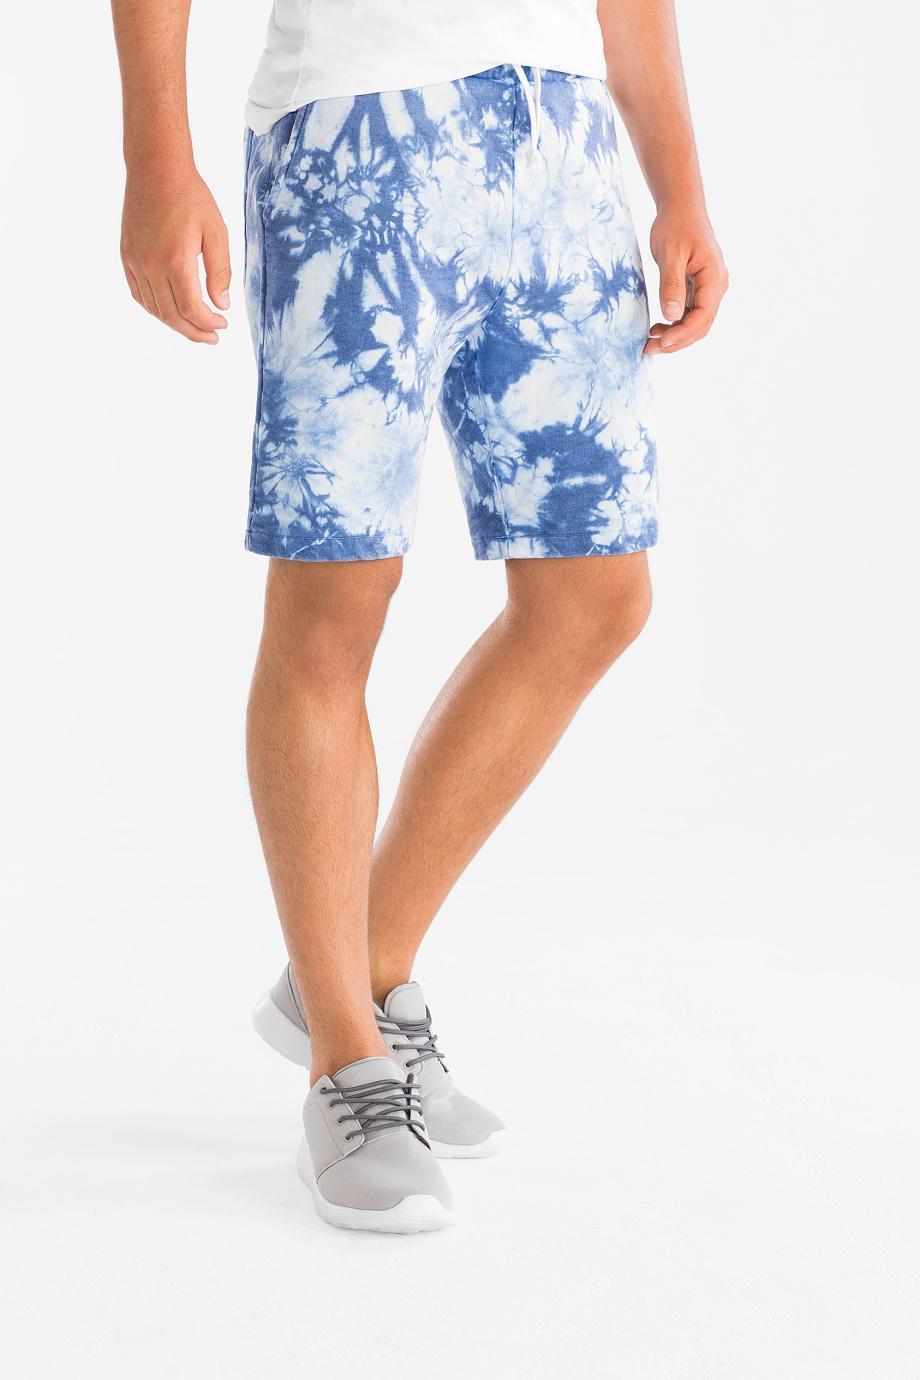 Отзыв на Спортивные шорты - нормальные Fit из Интернет-Магазина C&A